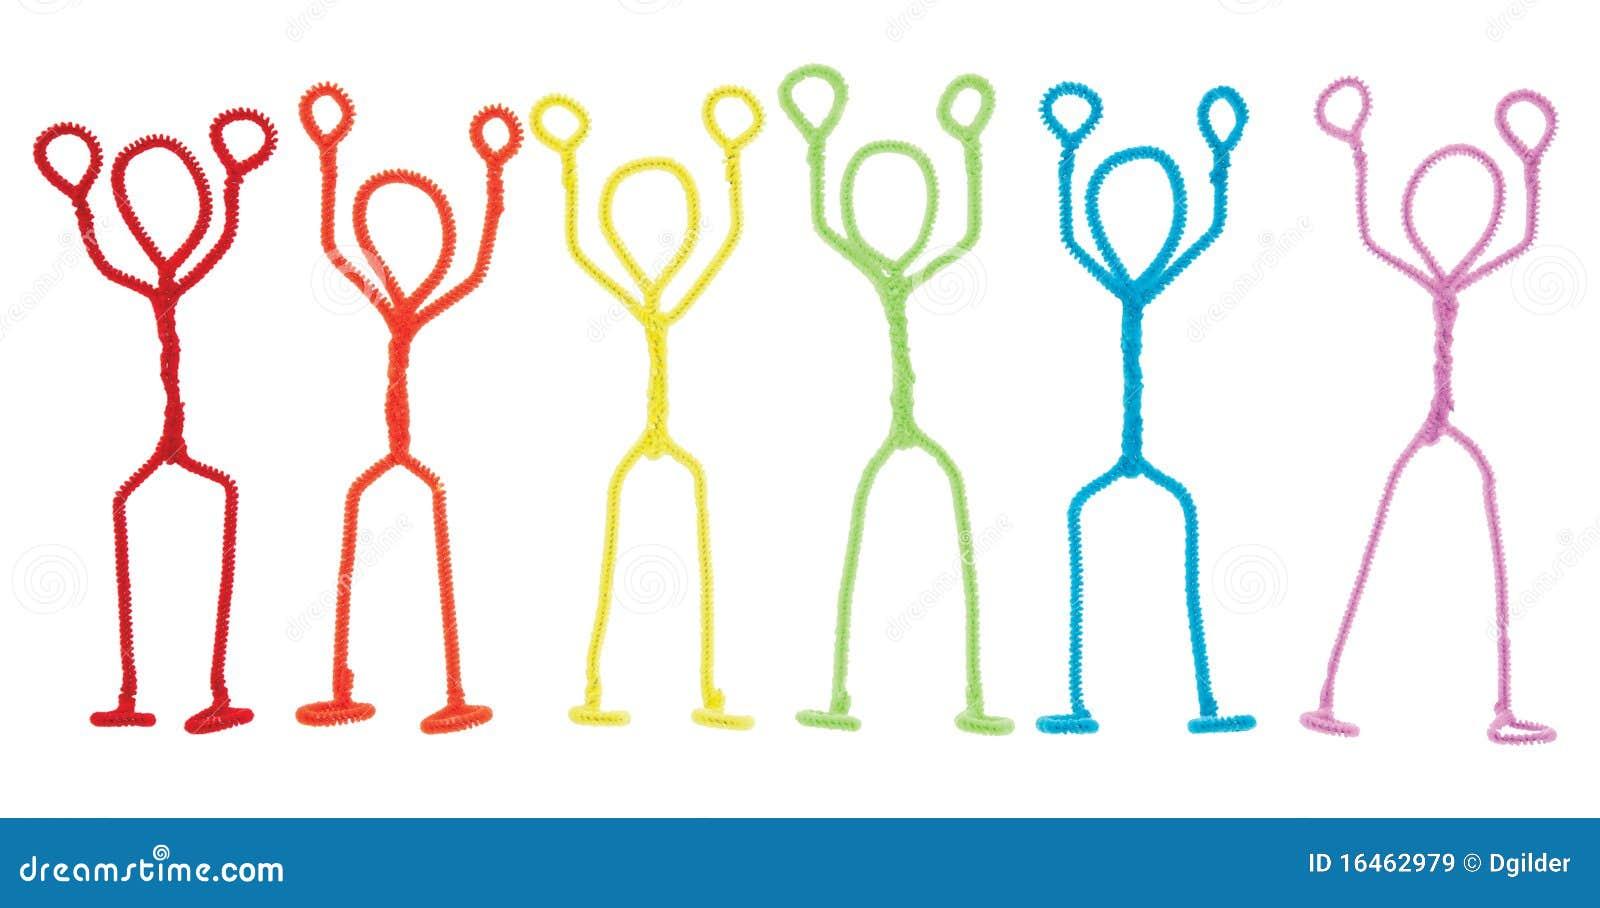 Clipart Images Stick Figures